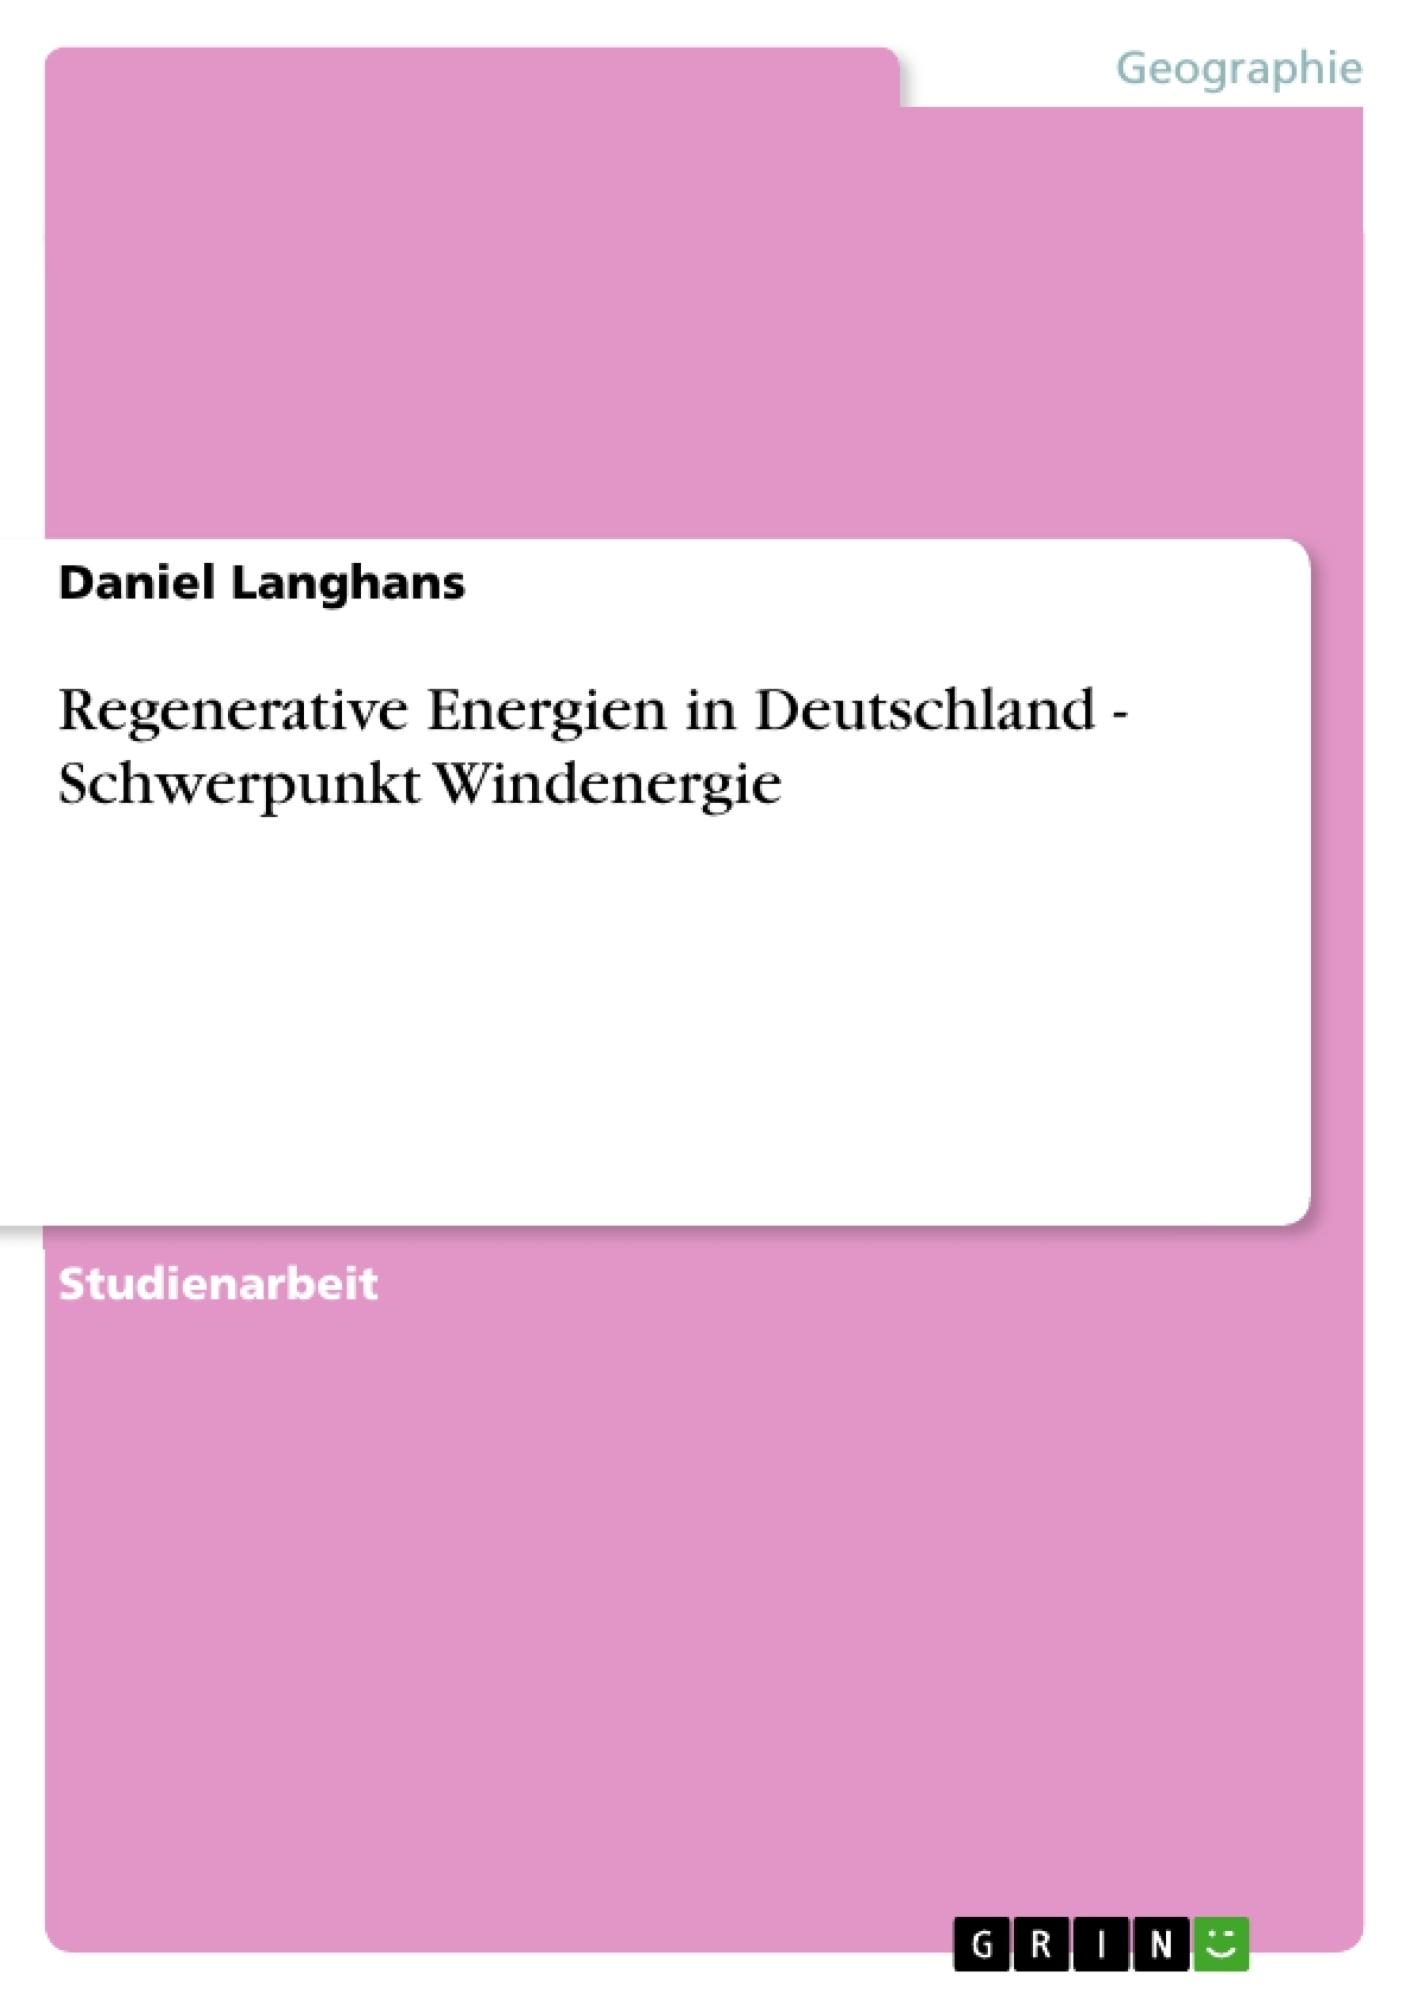 Titel: Regenerative Energien in Deutschland - Schwerpunkt Windenergie